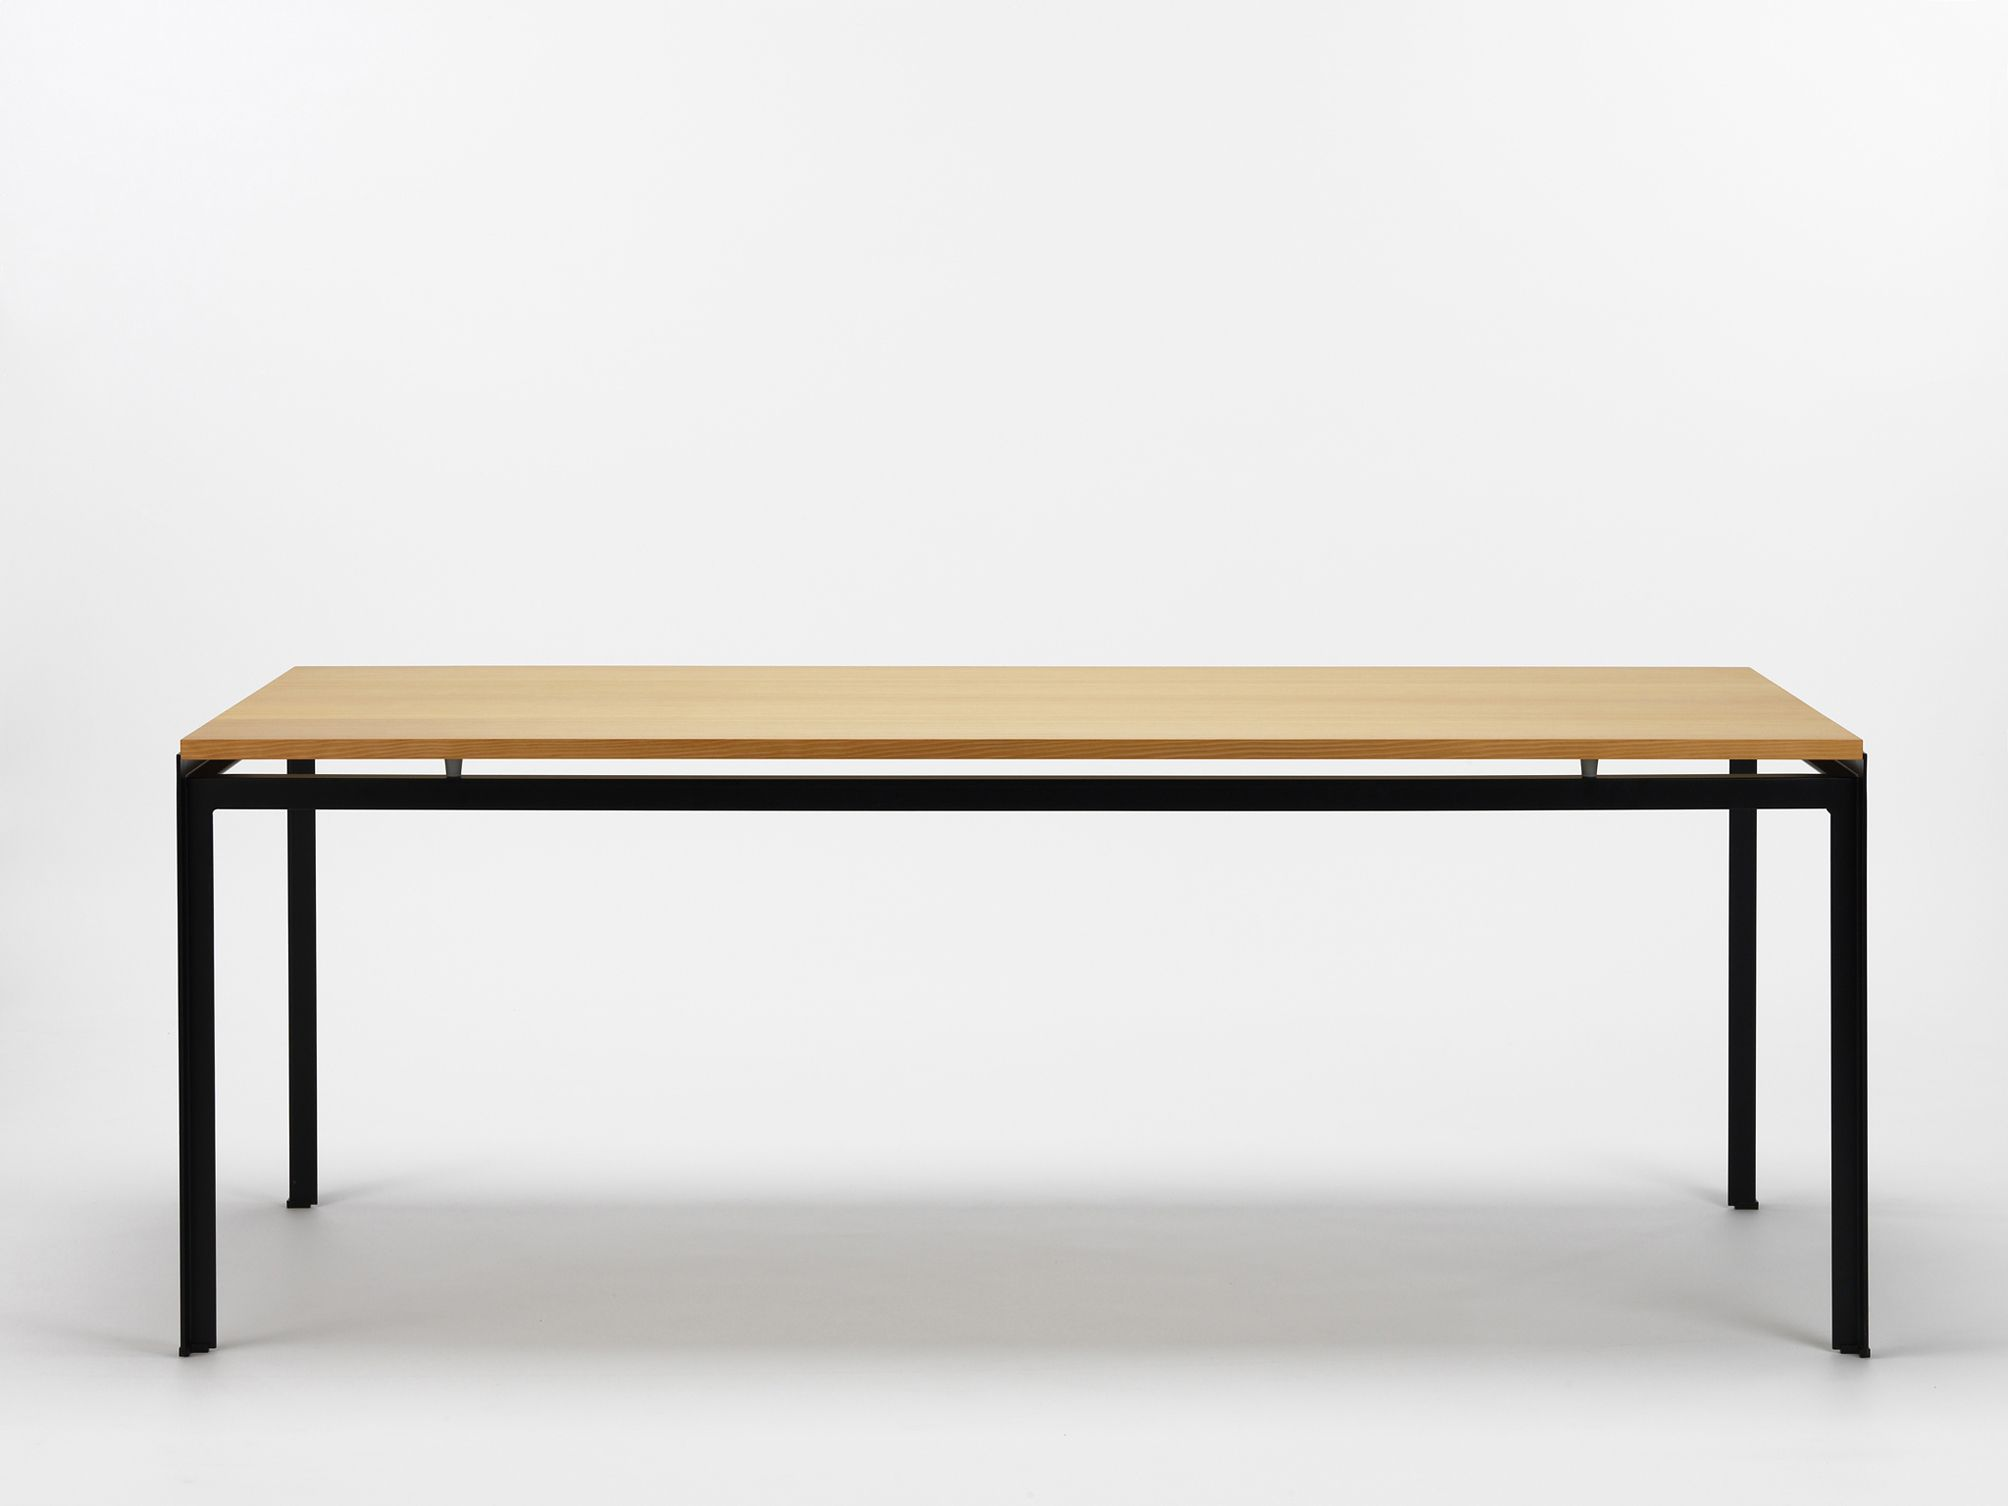 Carl Hansen & Søn - PK52 | Professor Desk - Designed by Poul Kjærholm - http://www.carlhansen.com